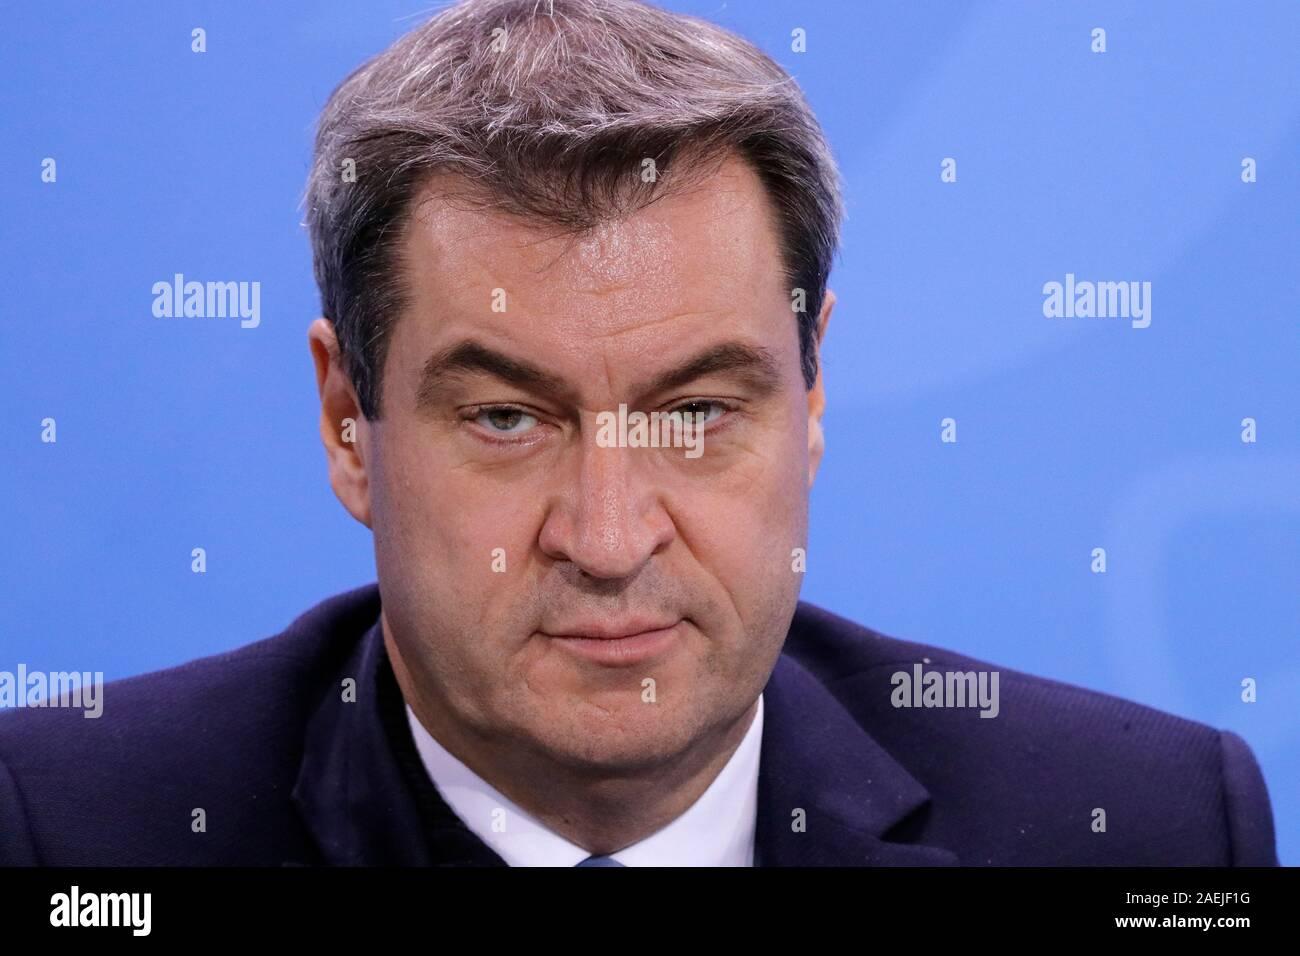 Markus Soeder - Pressekonferenz nach Treffen der dt. Bundeskanzlerin mit den Regierungschefs der Laender, Bundeskanzleramt, 5. Dezember 2019, Berlin ( Stock Photo